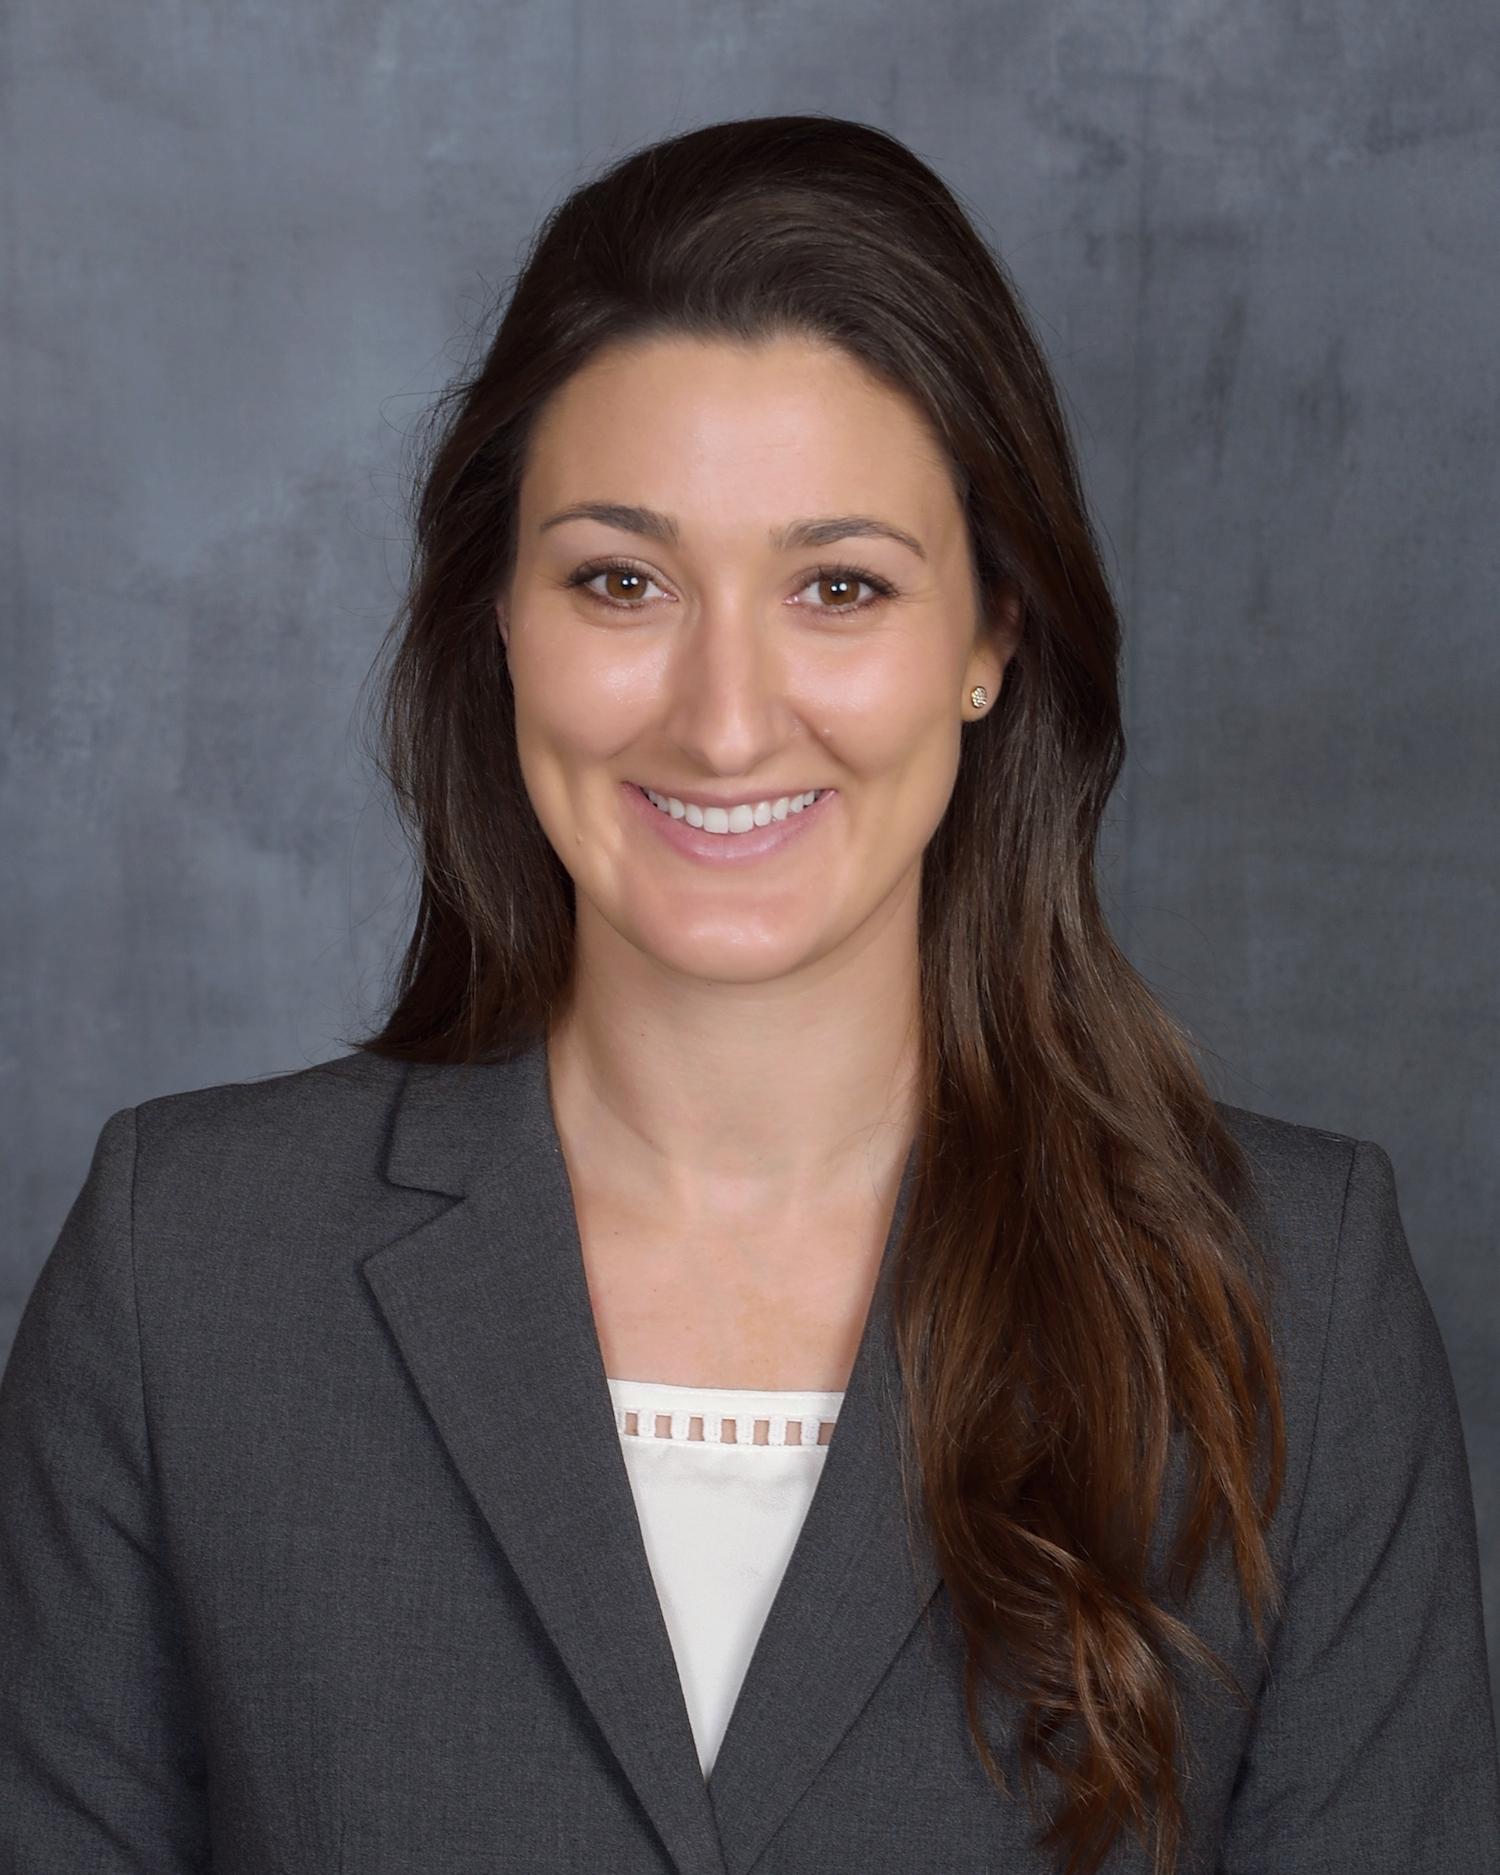 Elizabeth Abels, M.D.